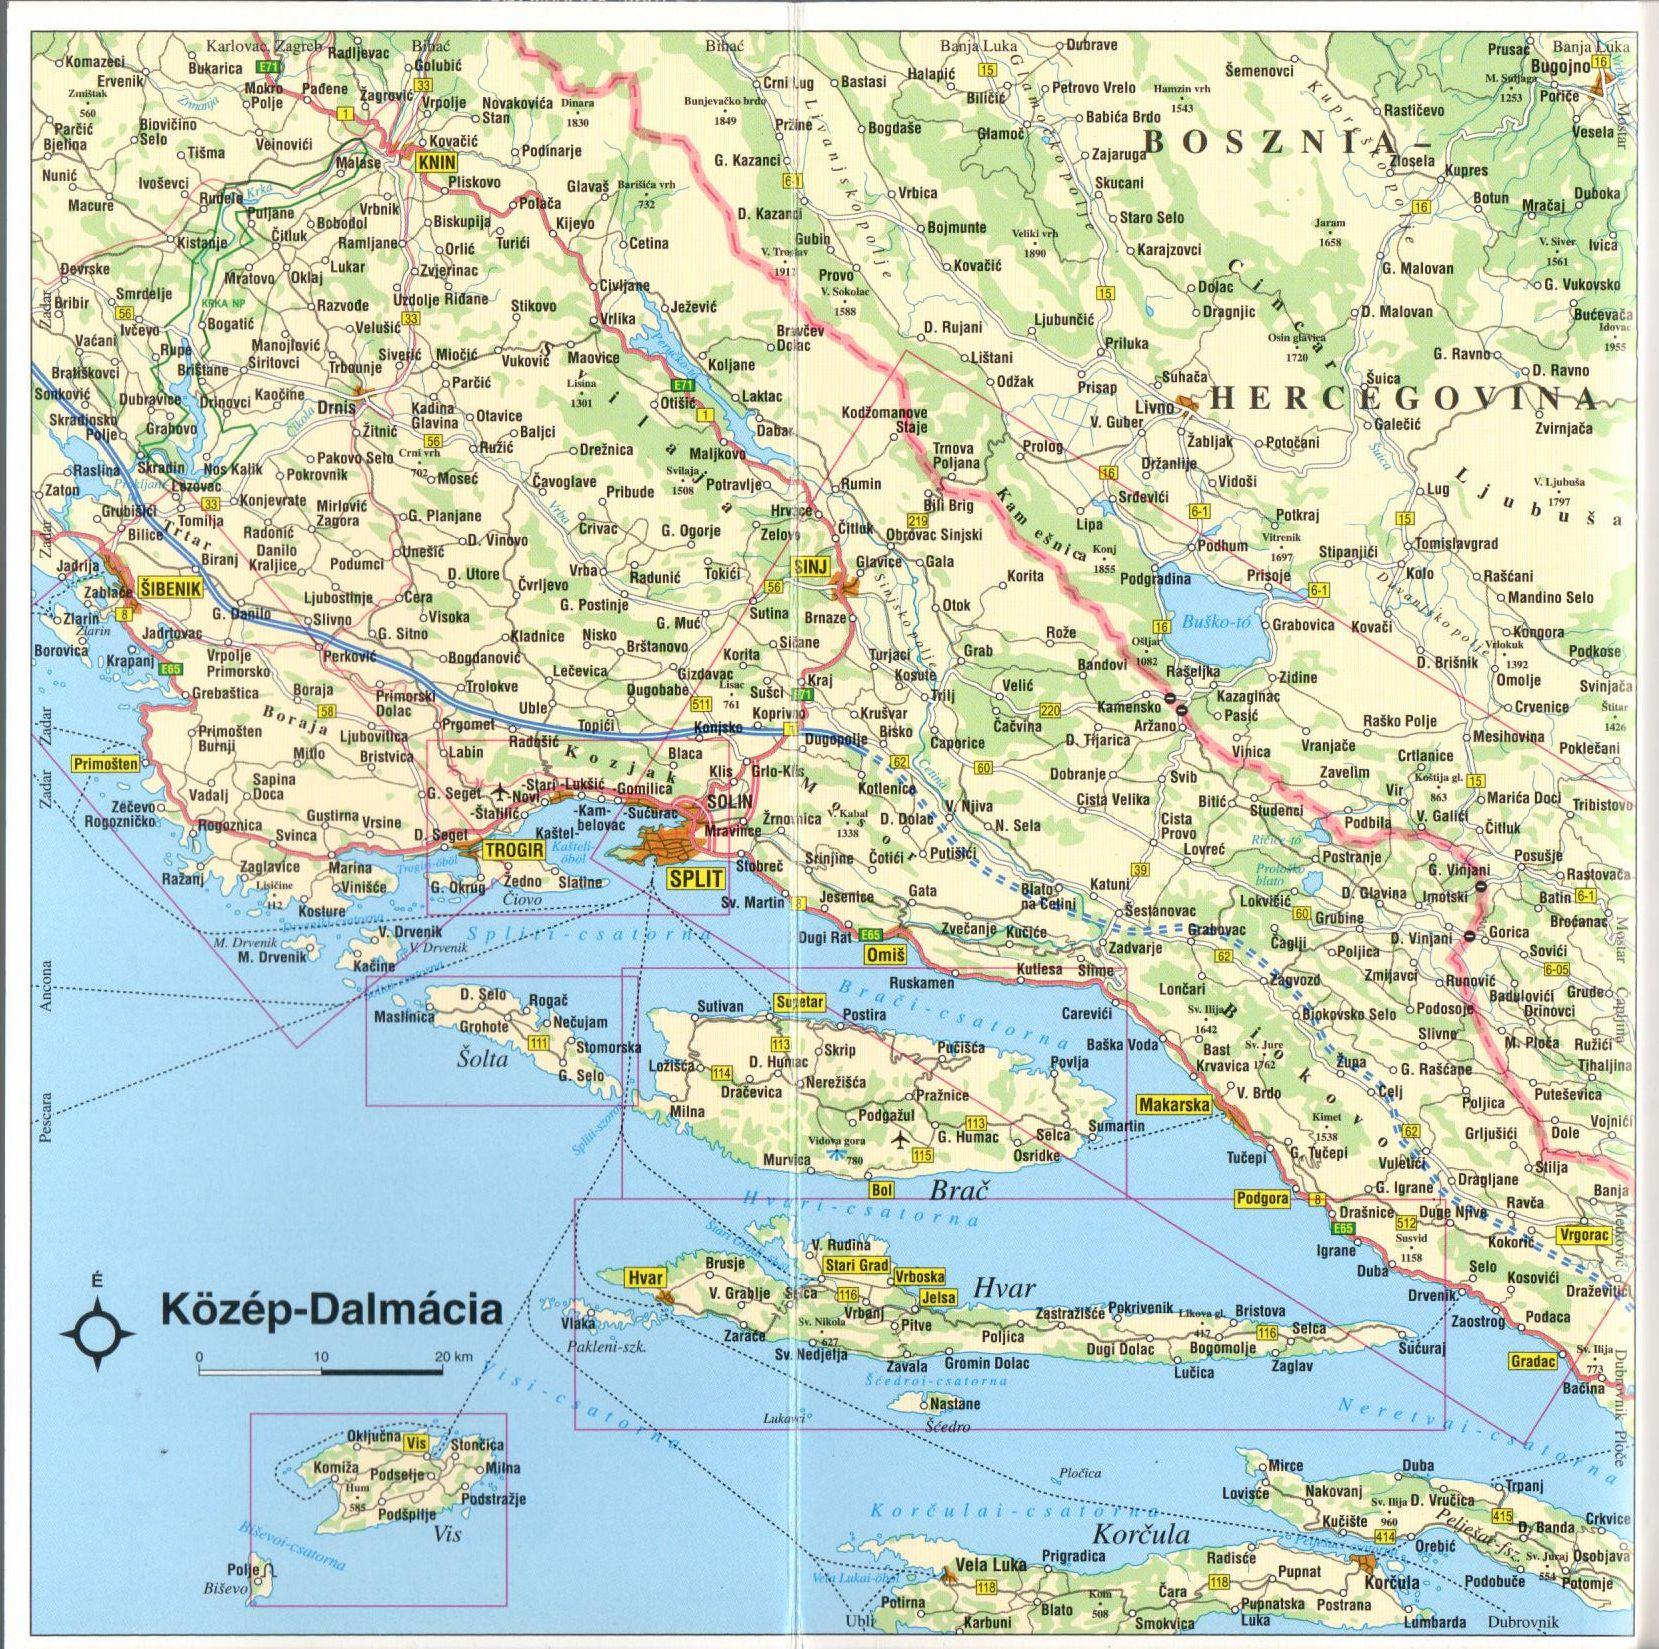 Dalmácia középső része áttekintő térkép